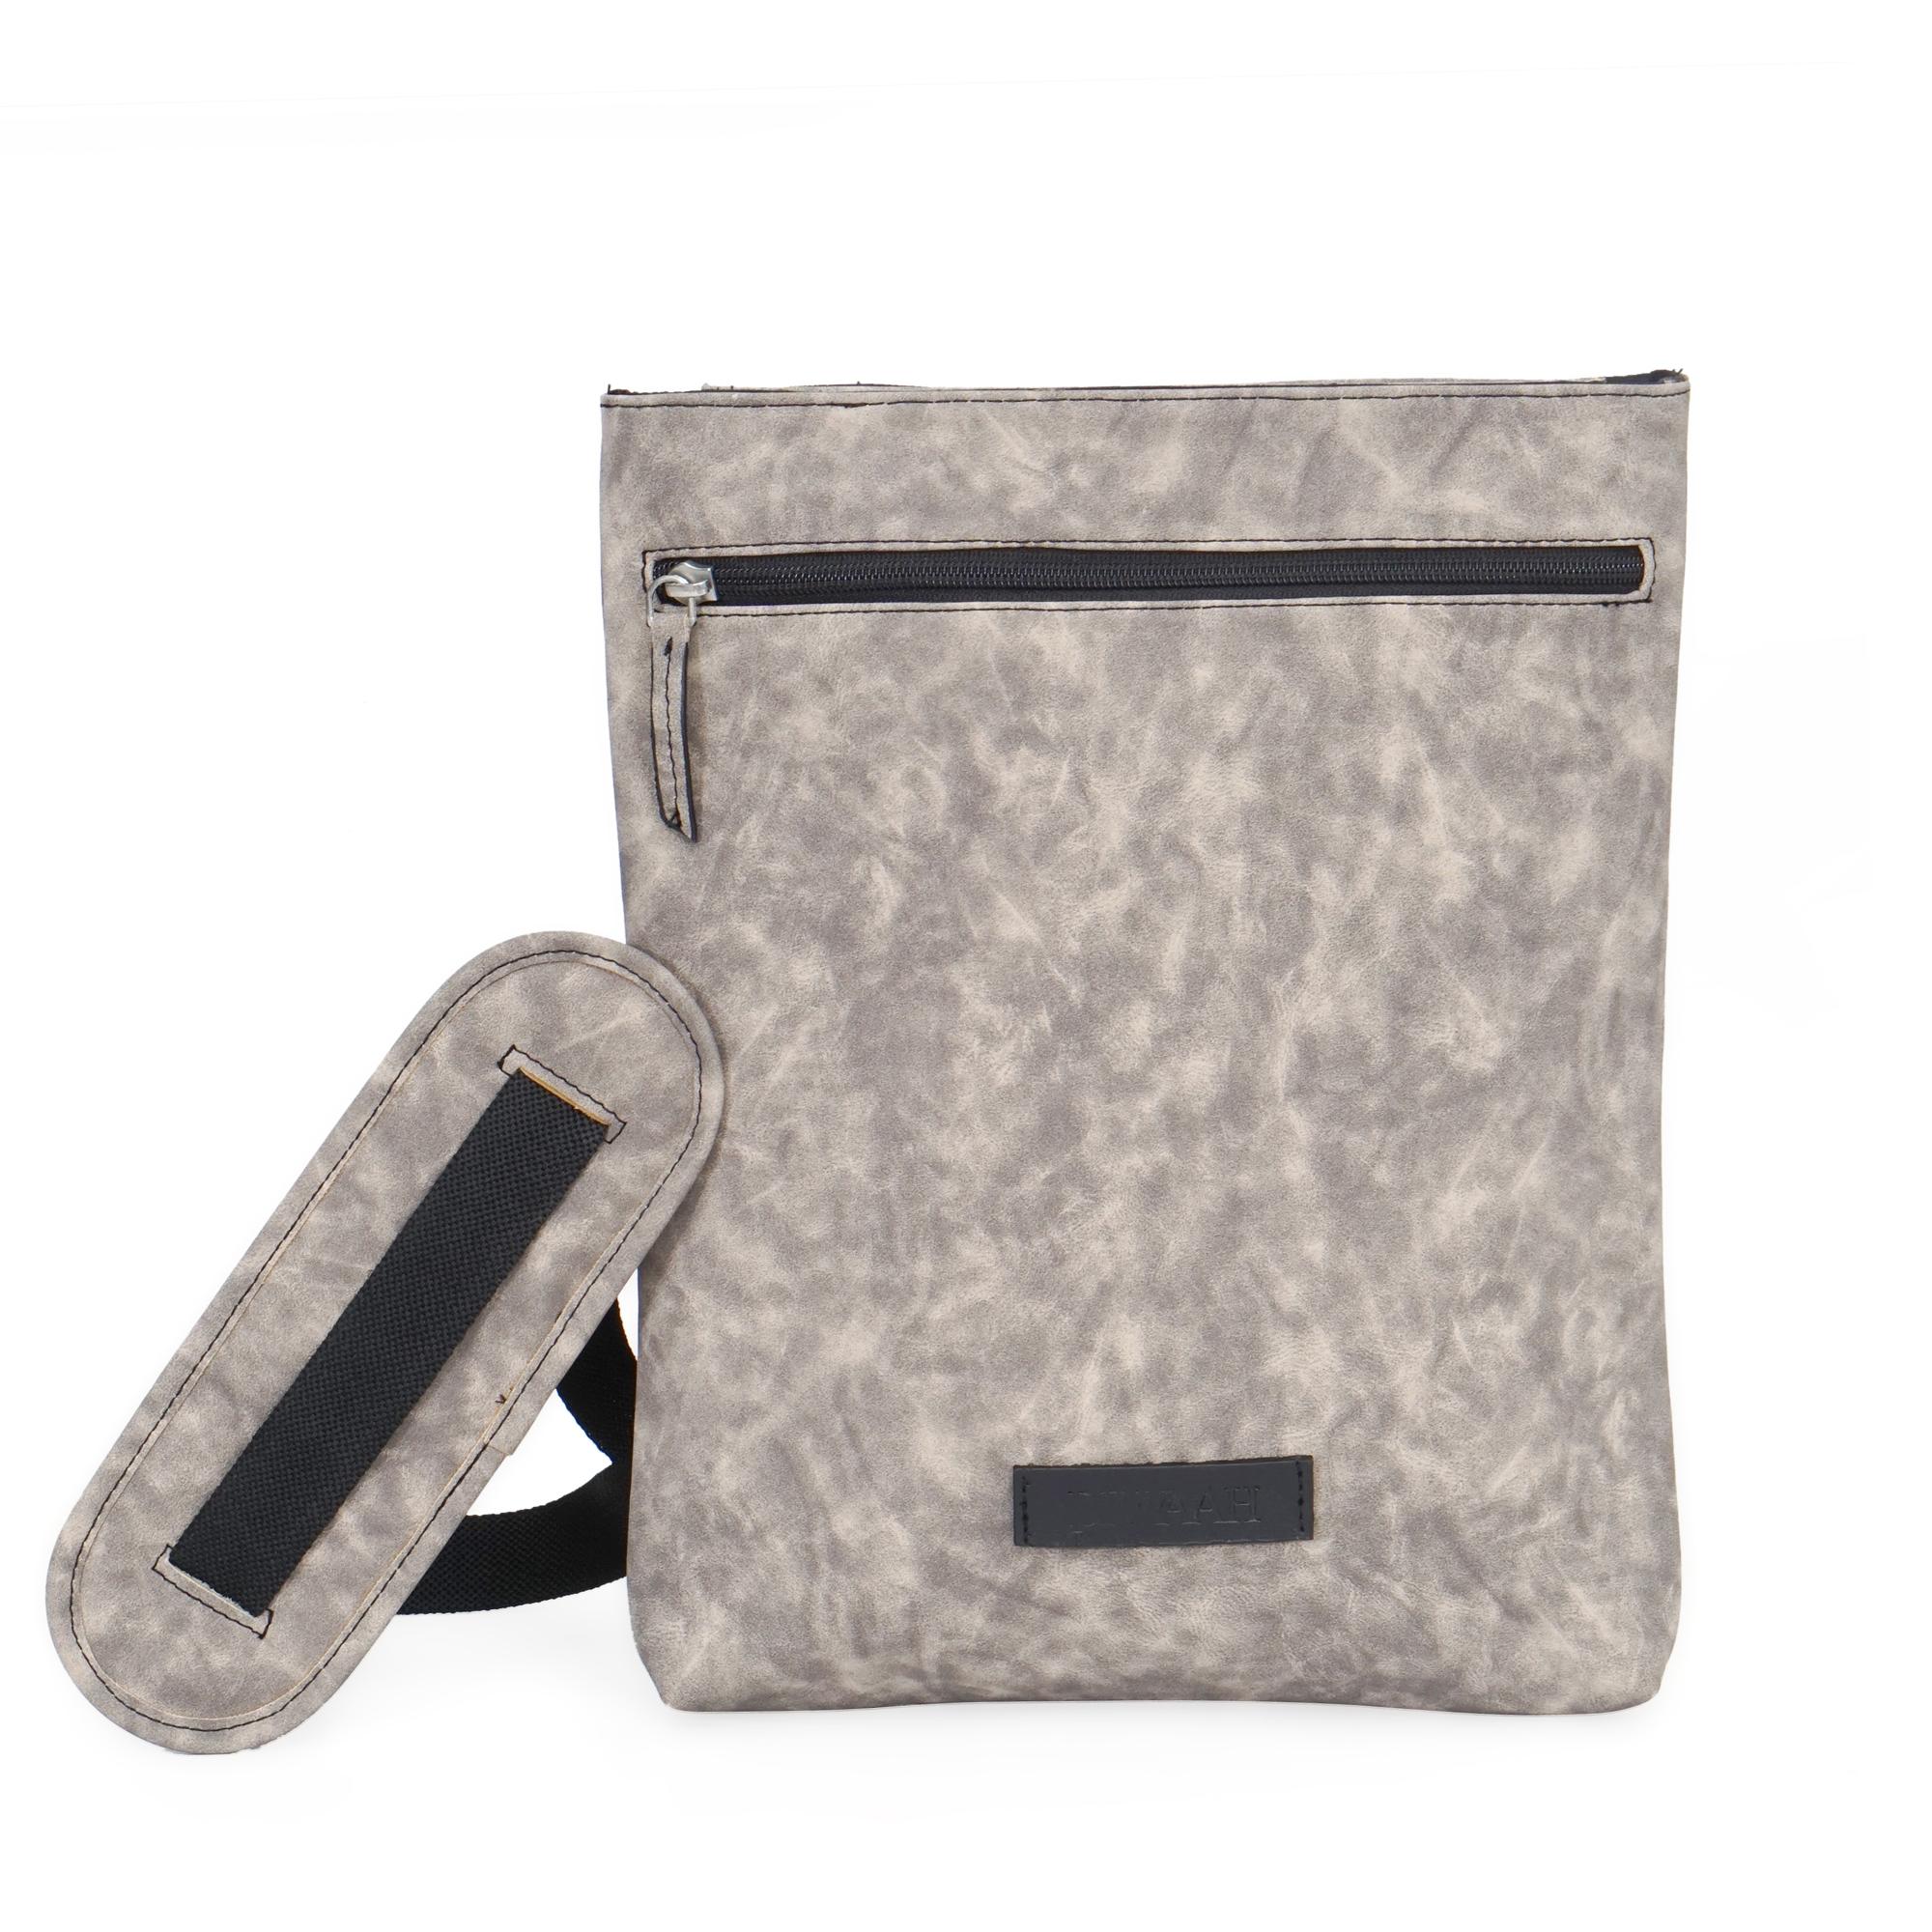 DIWAAH | Diwaah Grey Color Casual Sling Bag